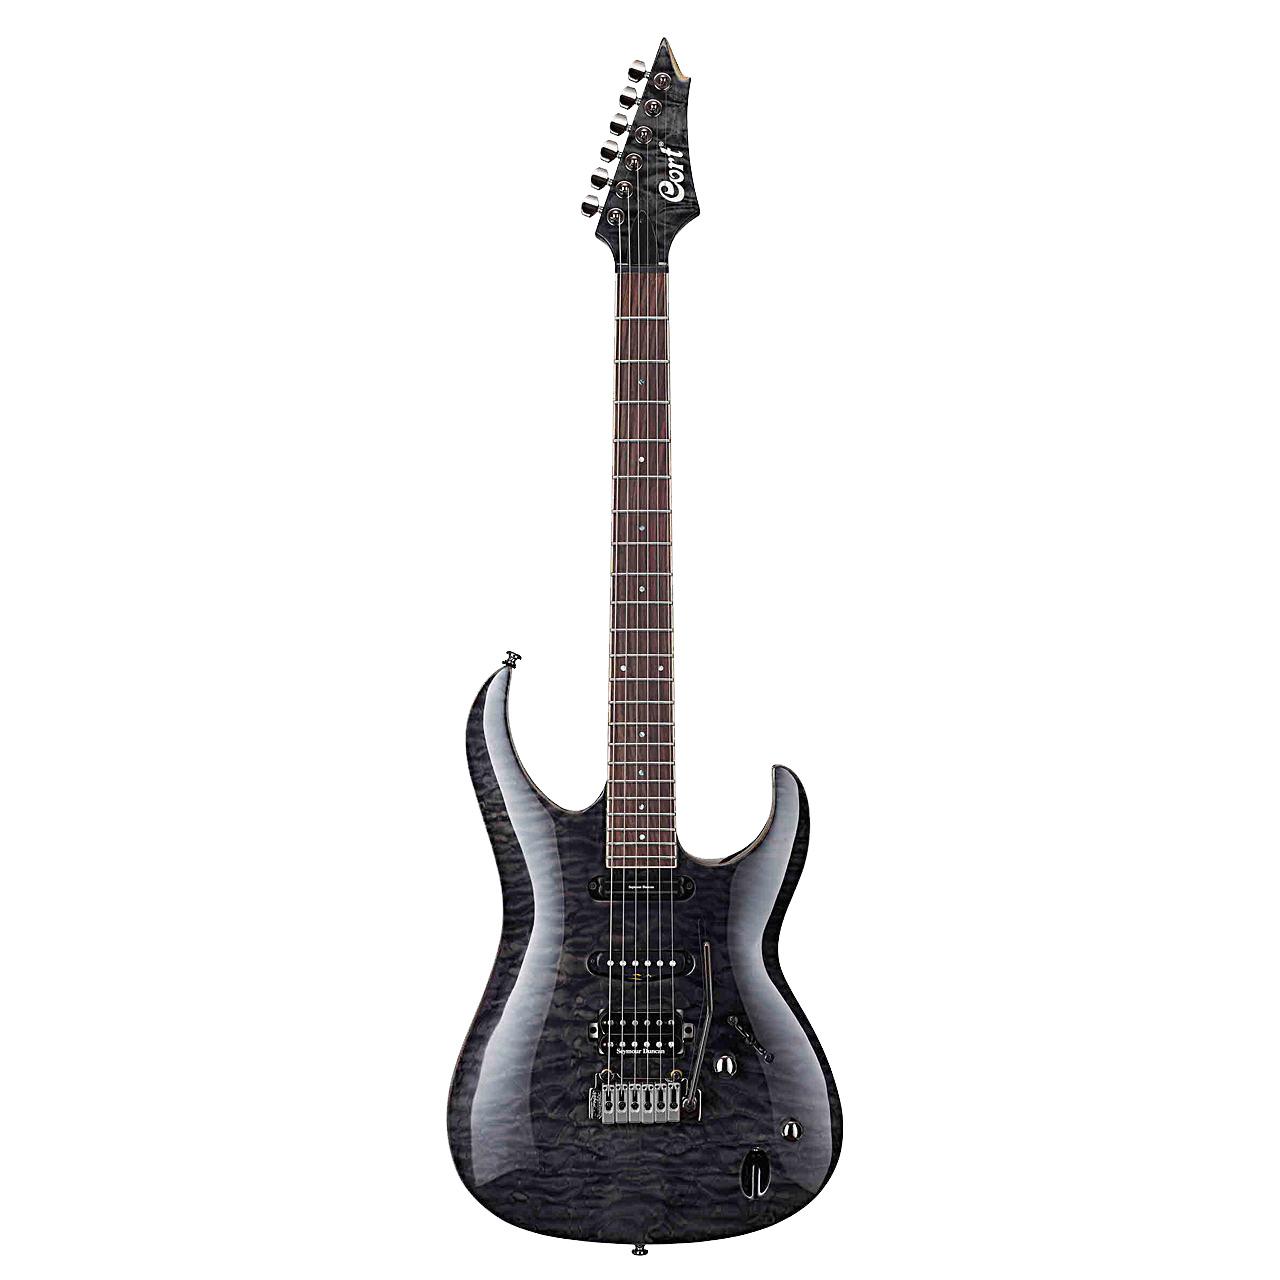 گیتار الکتریک کورت مدل Aero Custom به همراه کیس حمل